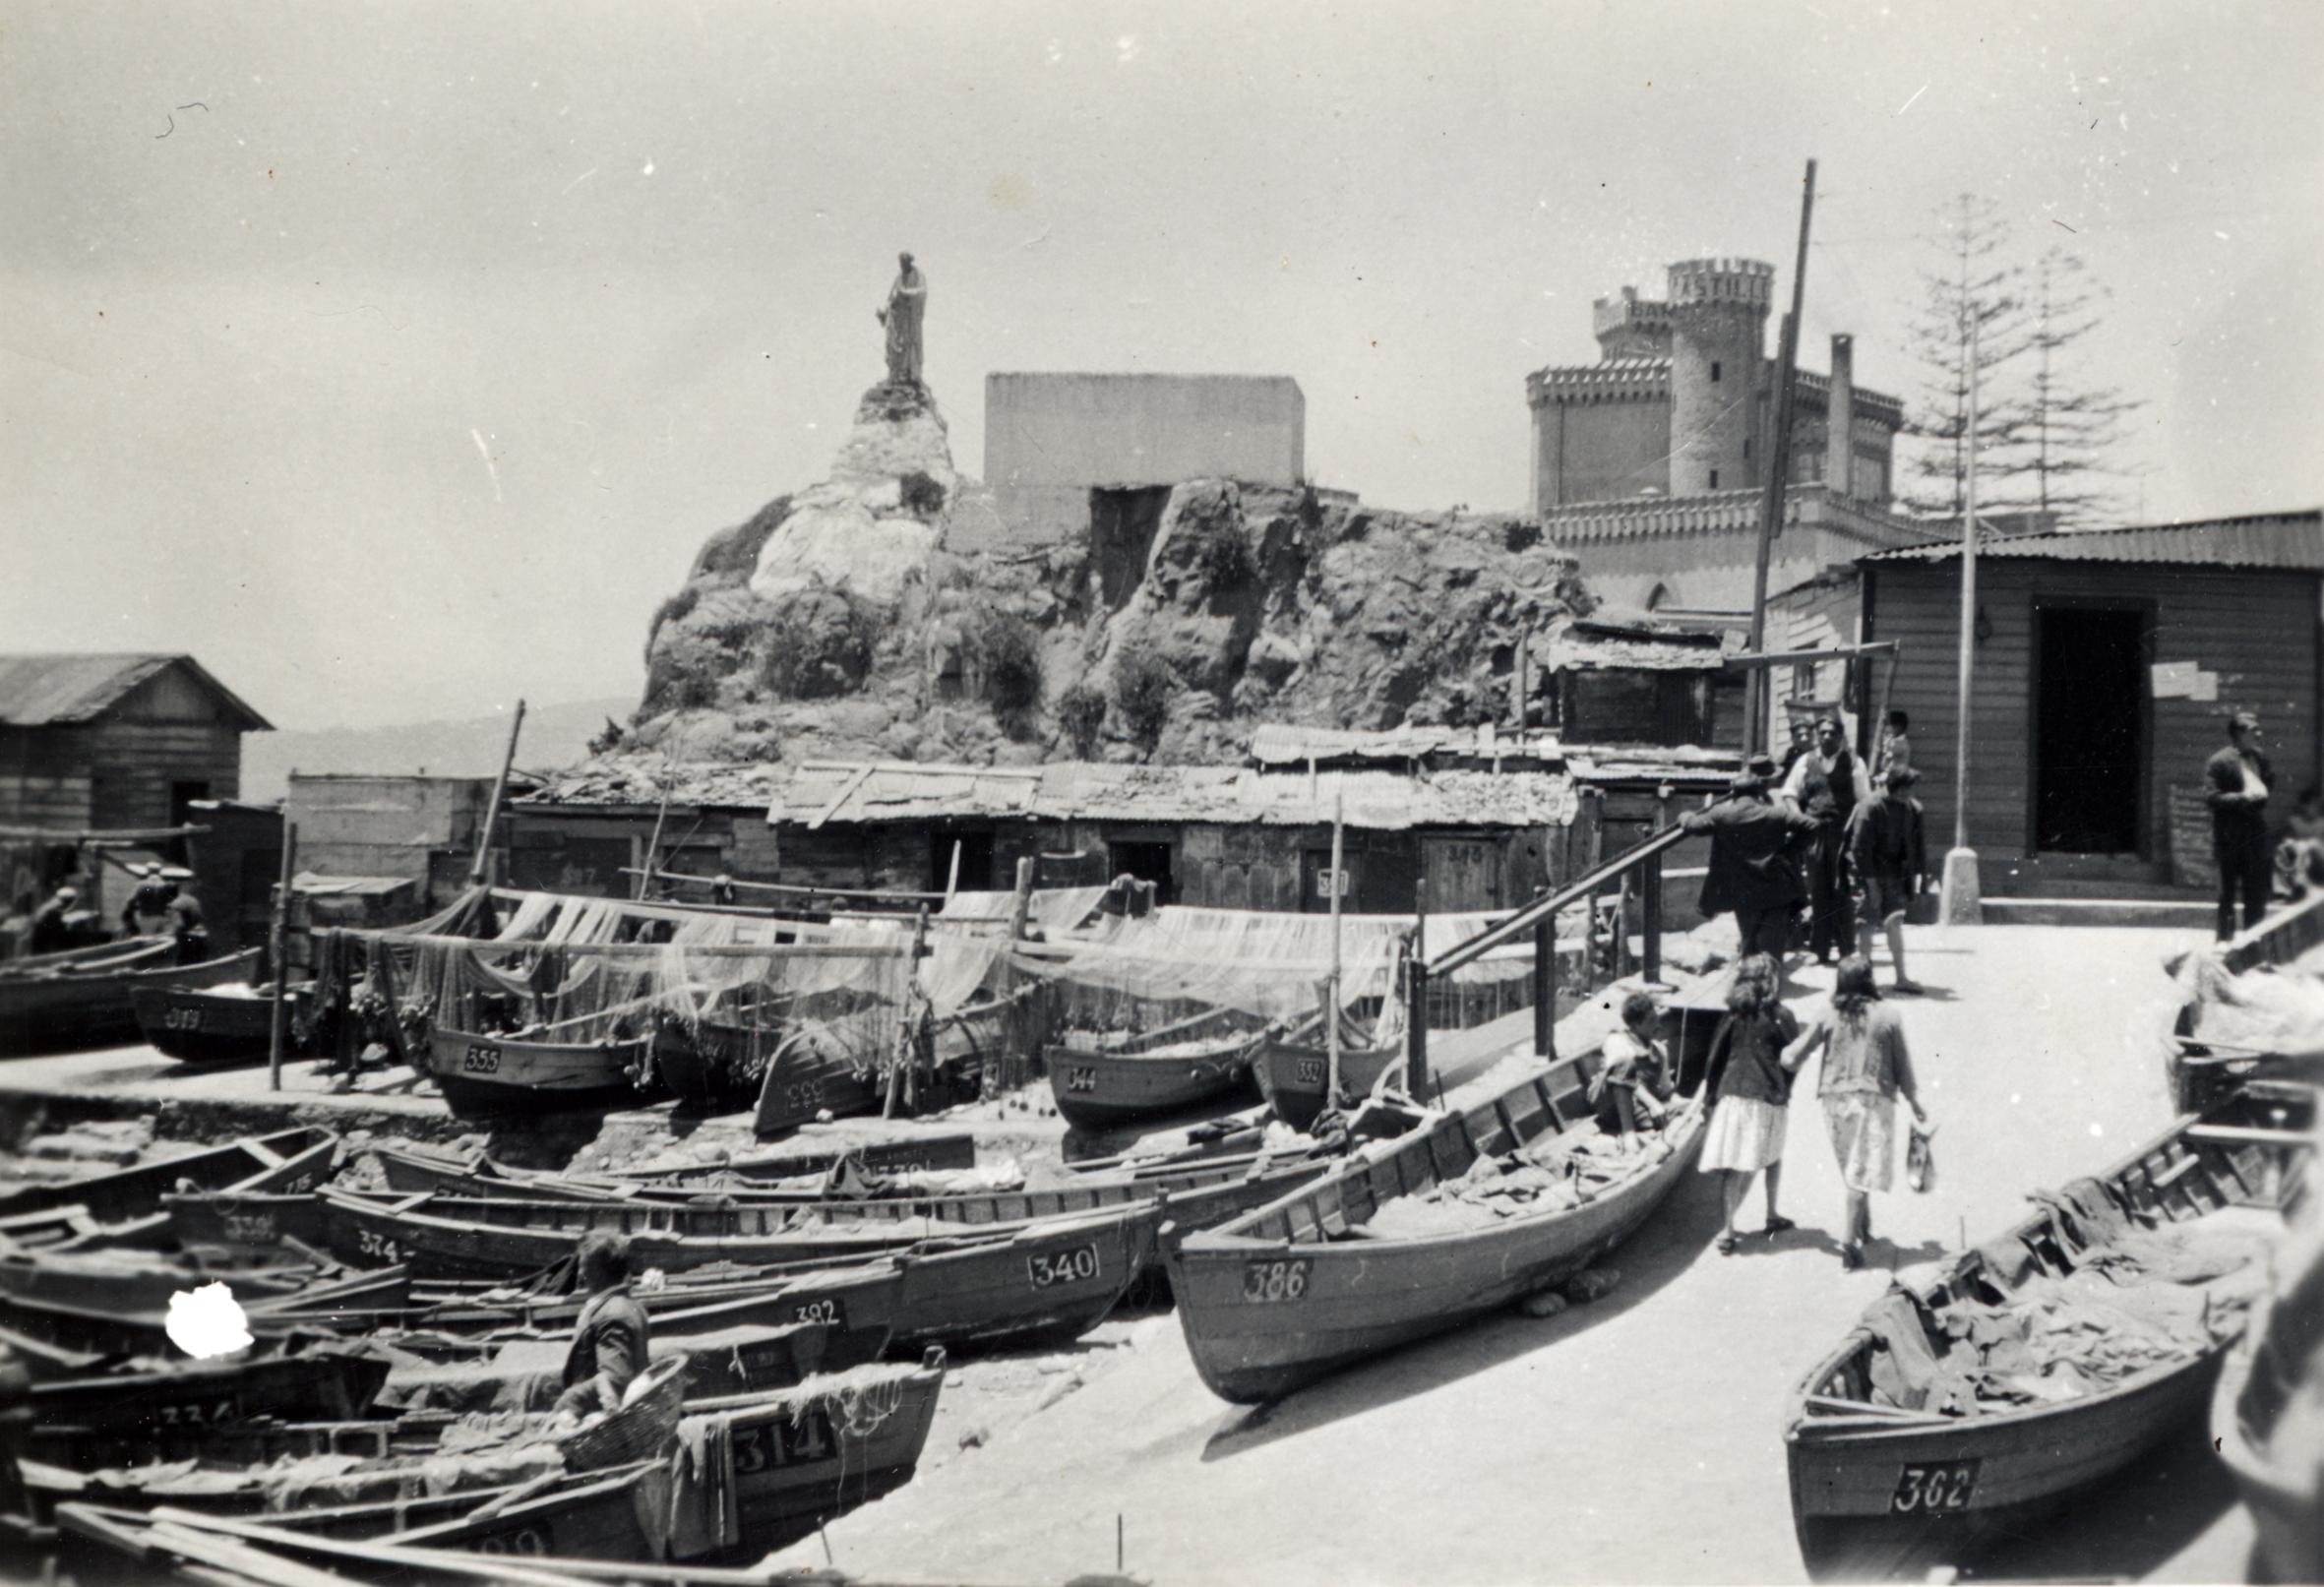 Enterreno - Fotos históricas de chile - fotos antiguas de Chile - Caleta El Membrillo en 1948